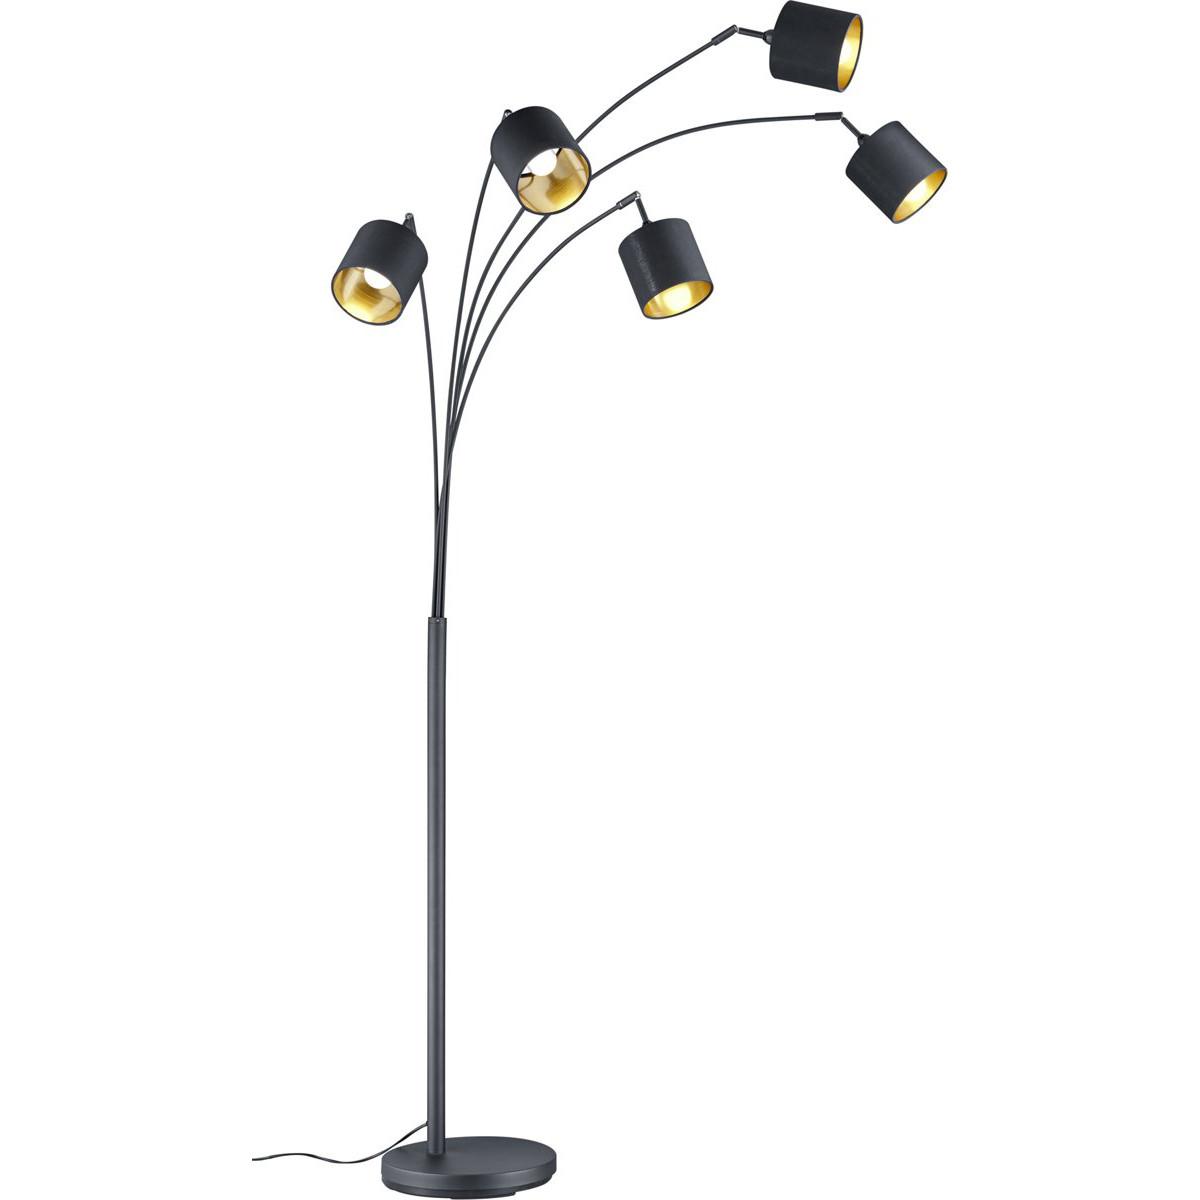 LED Vloerlamp - Trion Torry - E14 Fitting - Rond - Mat Zwart - Aluminium